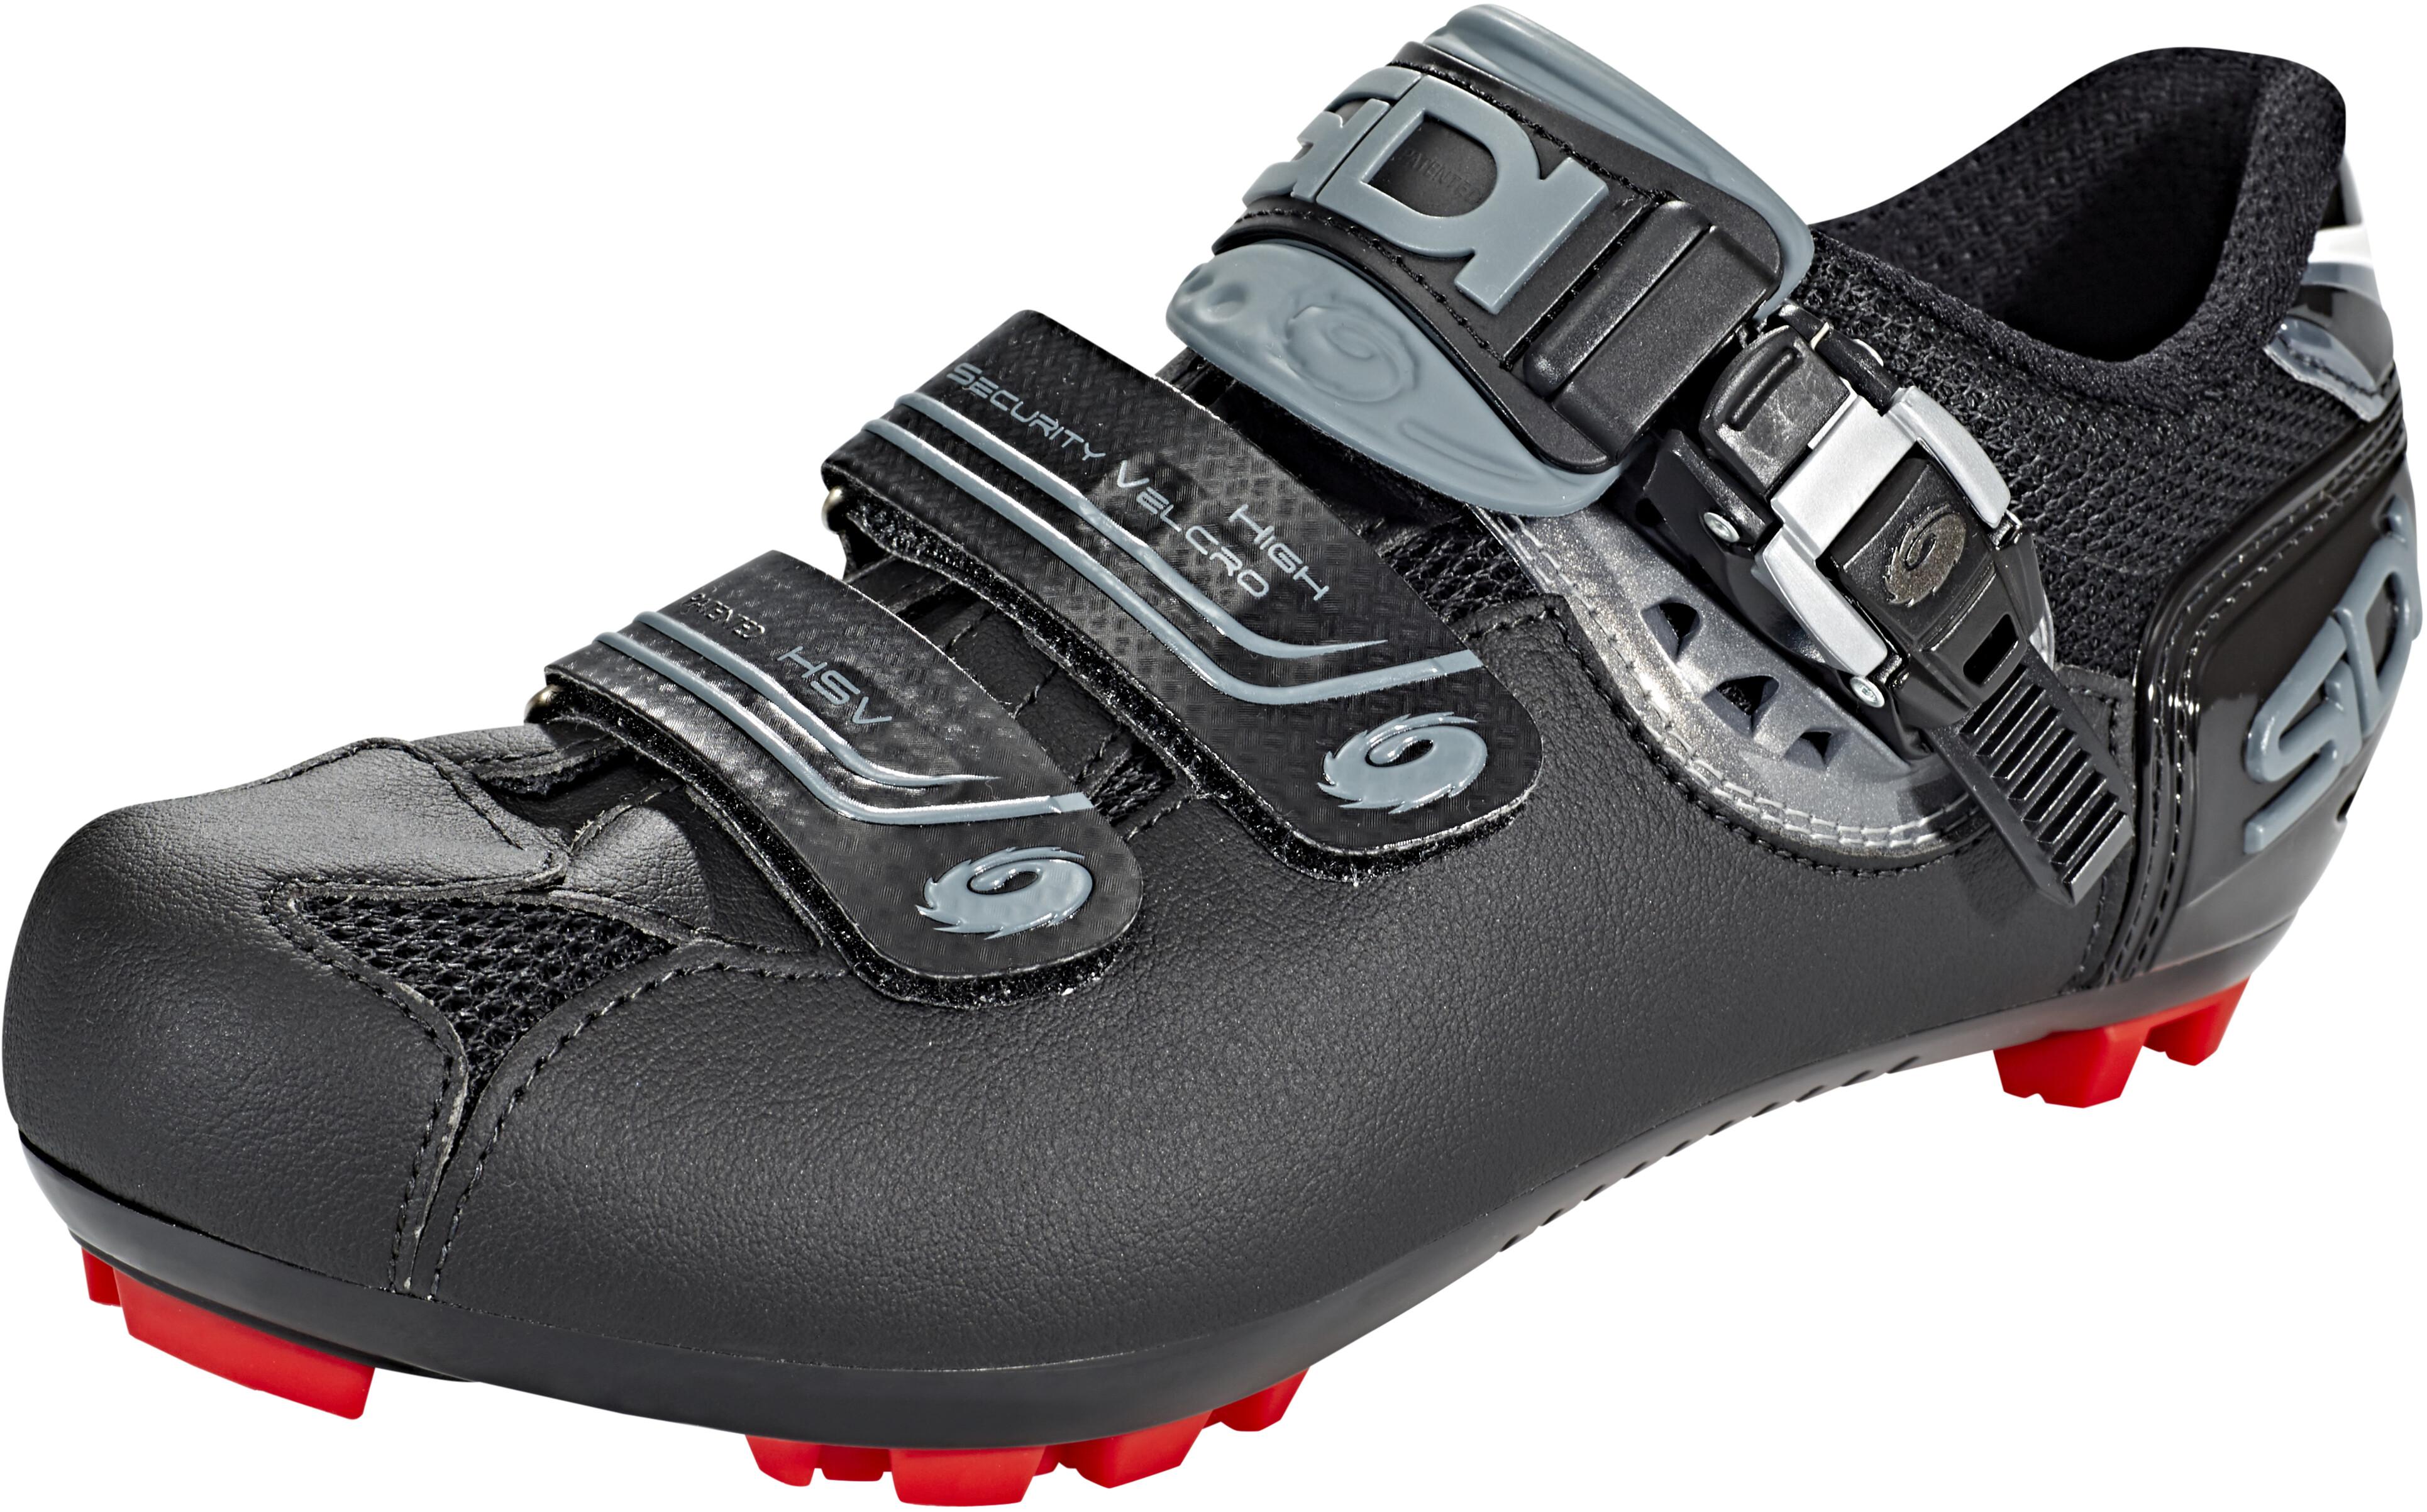 5bed6da46 Sidi MTB Eagle 7-SR Mega Shoes Men black at Bikester.co.uk